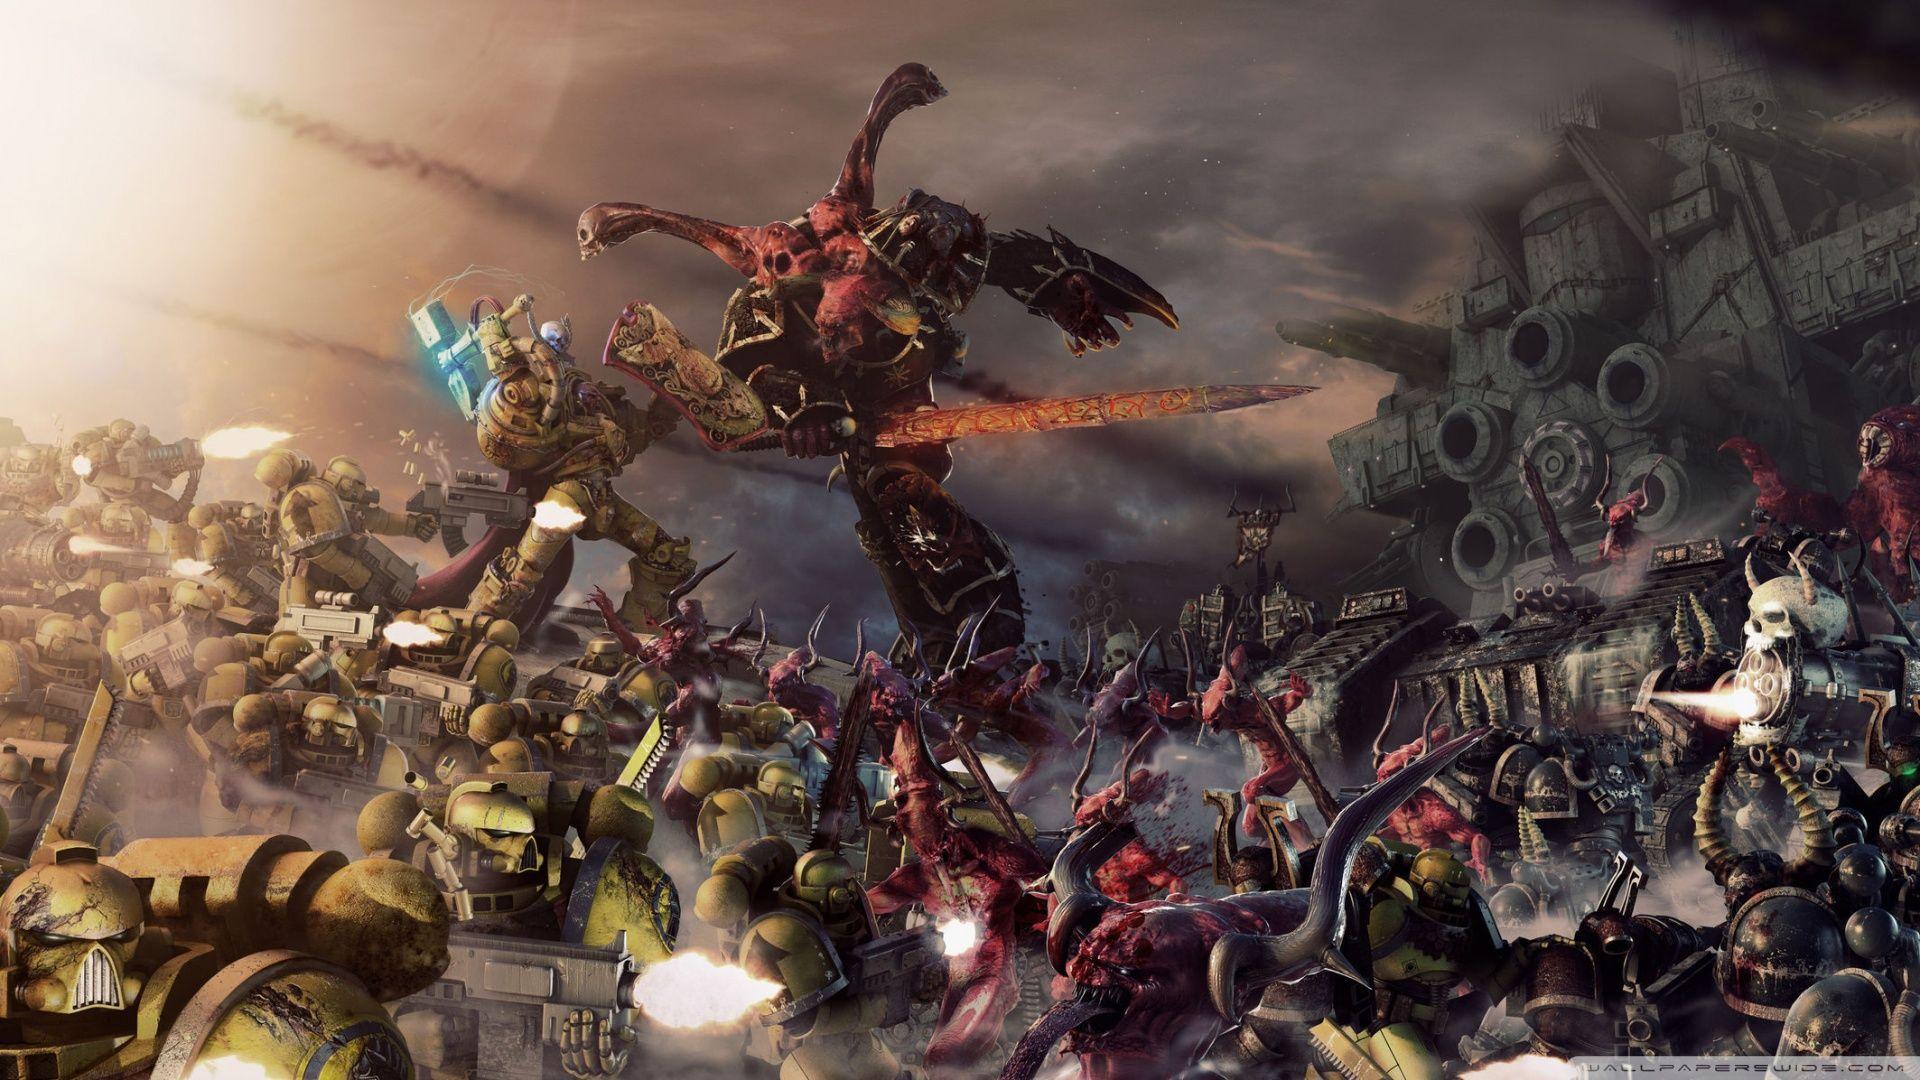 warhammer 40k pictures